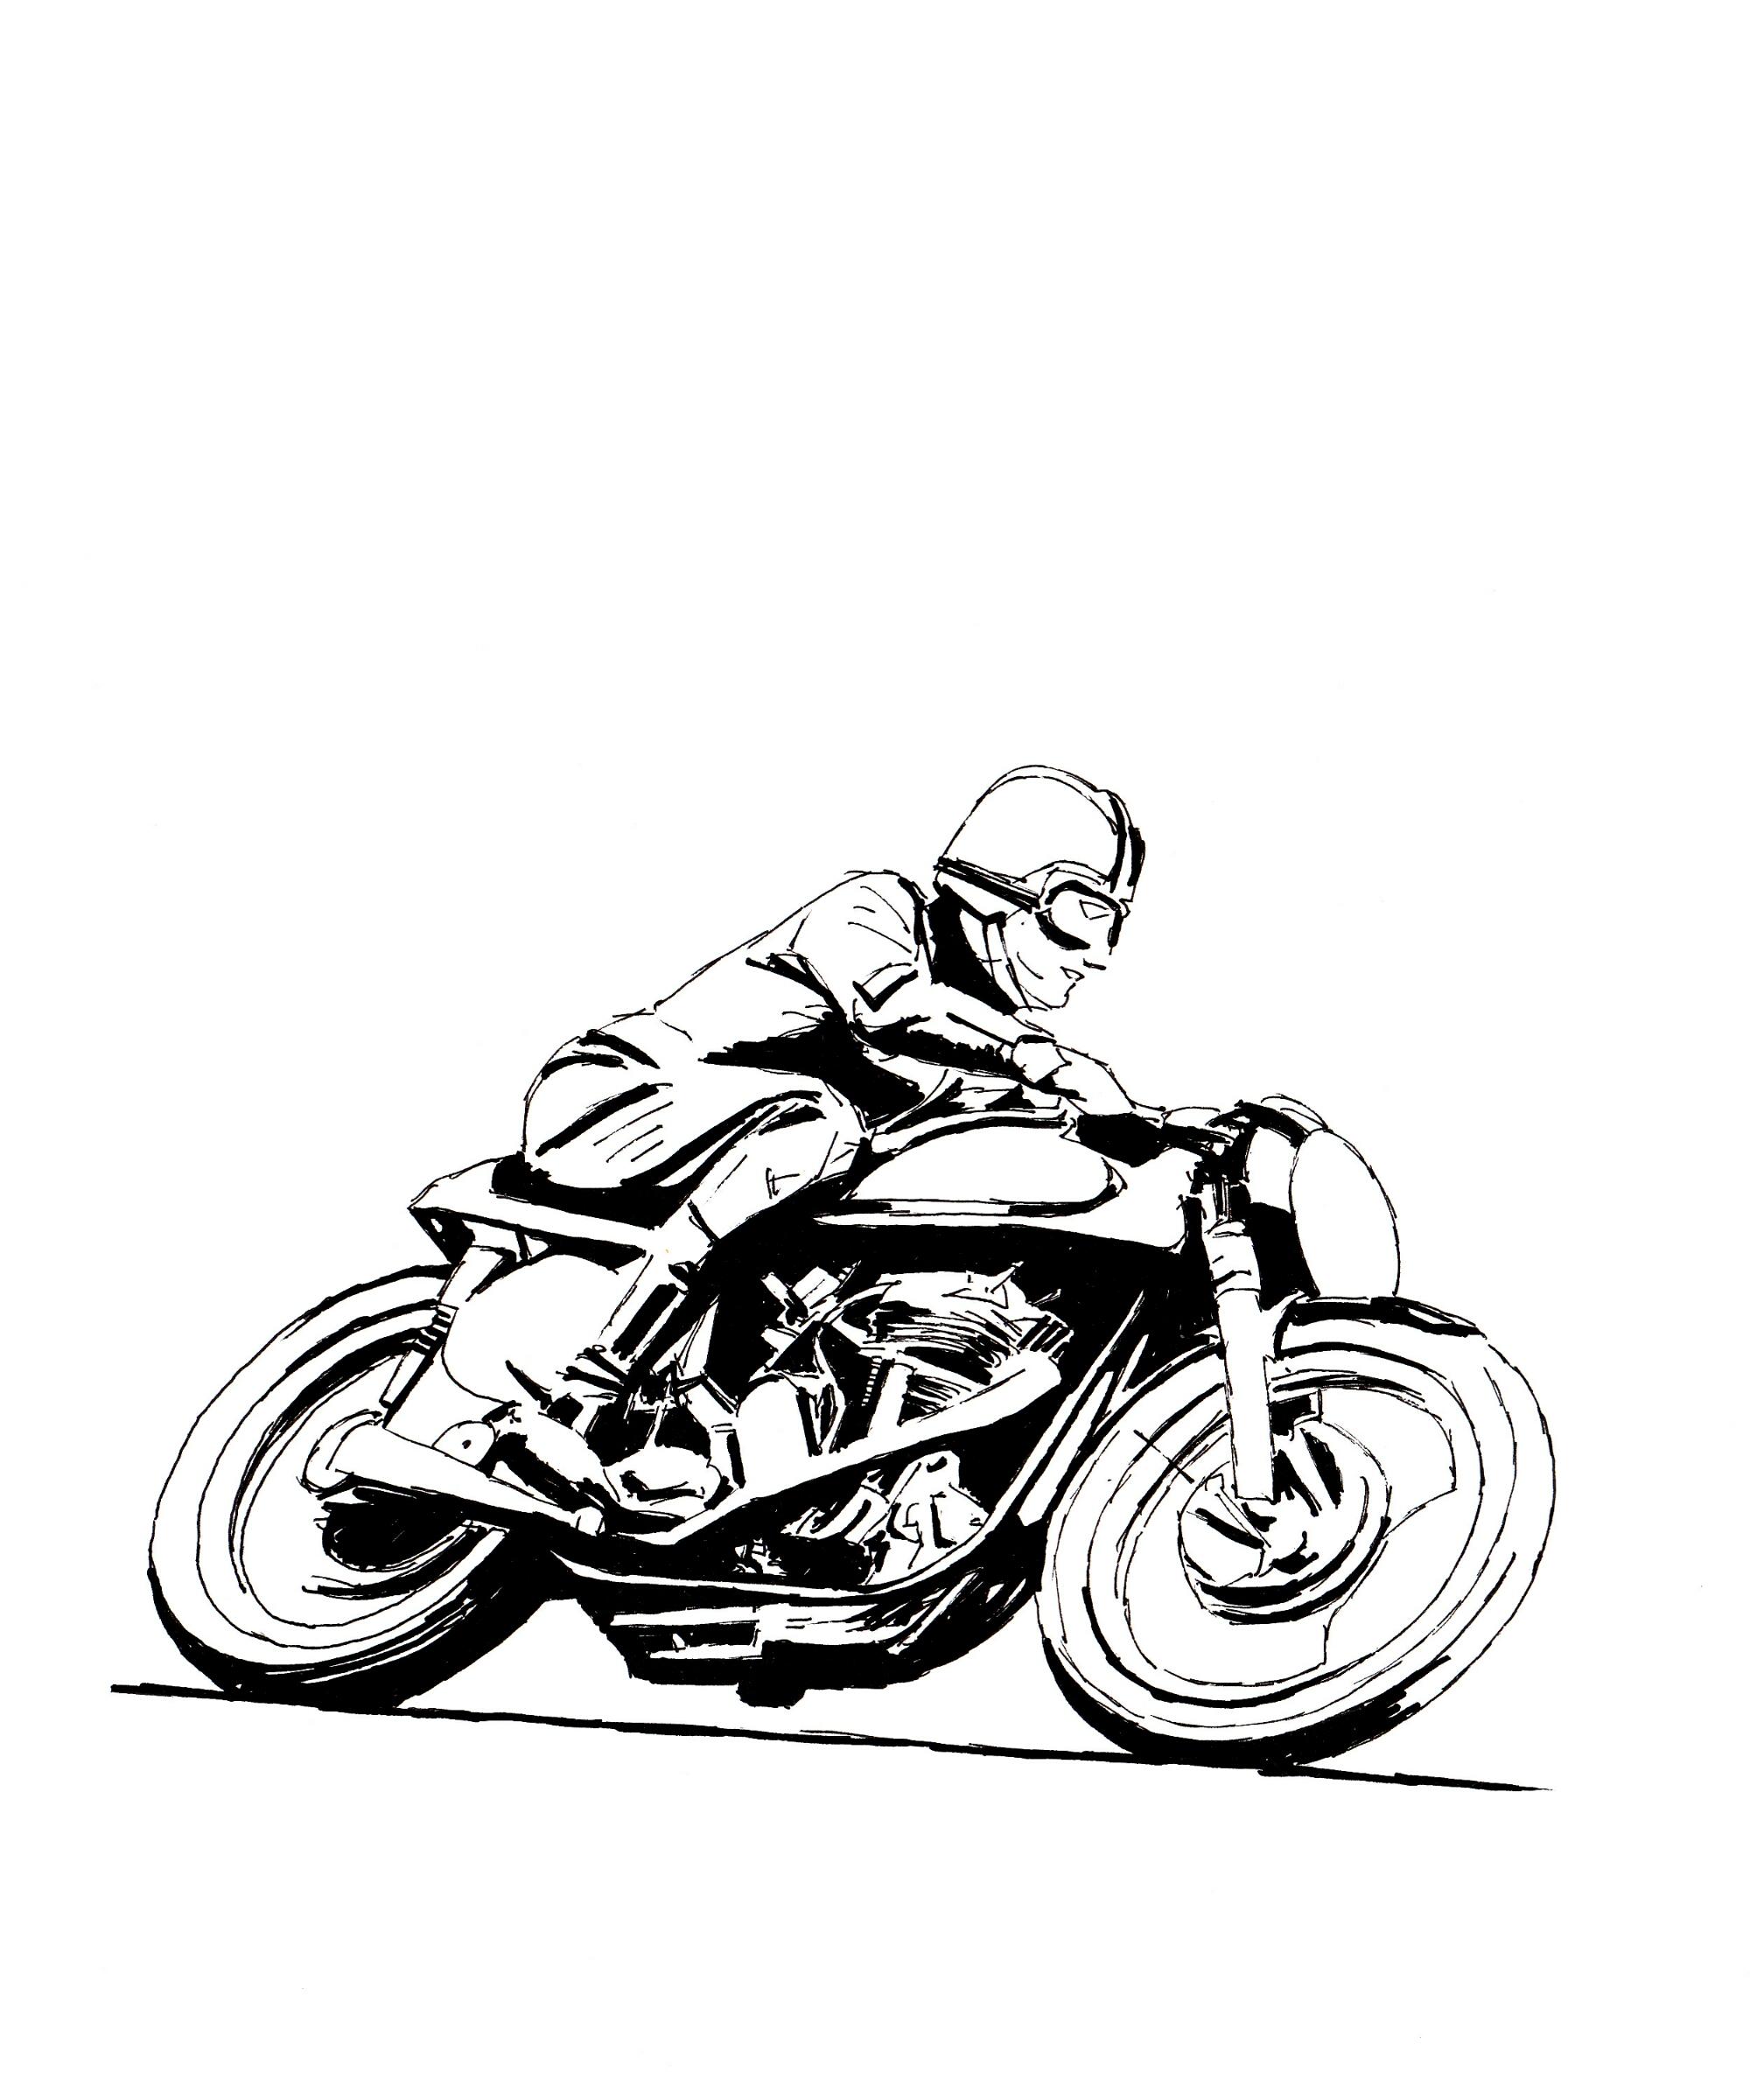 Vintage Motorcycle Drawing At Getdrawings